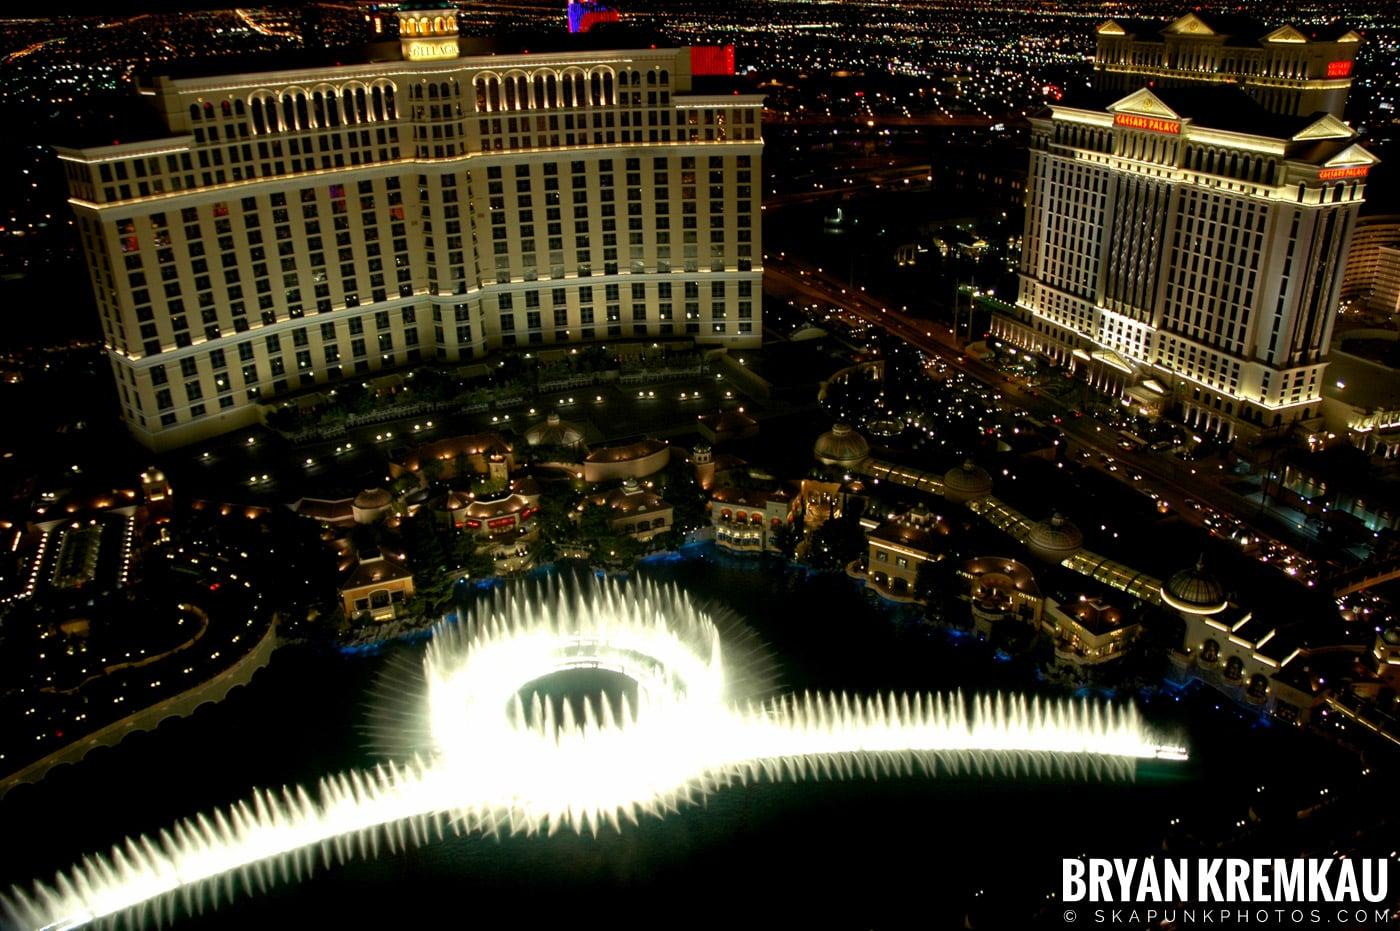 Las Vegas Vacation @ Las Vegas, NV - 10.21.05 - 10.23.05 (27)